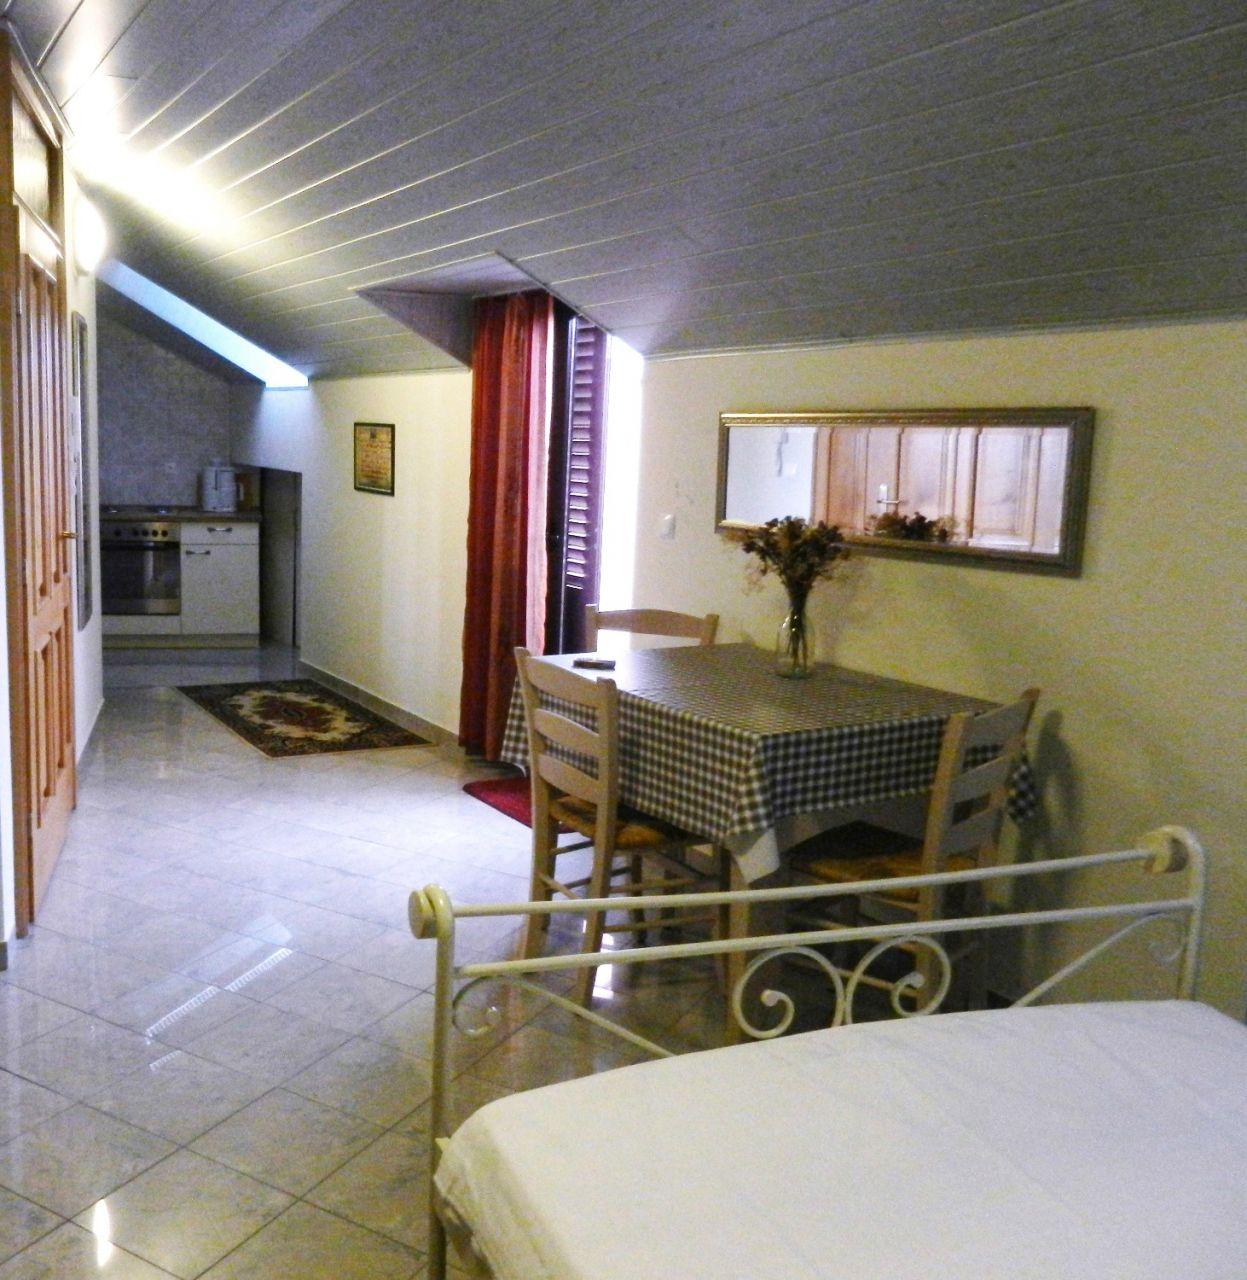 Jozefina - Crikvenica - Appartementen Kroatië - SA2(2): slaapkamer